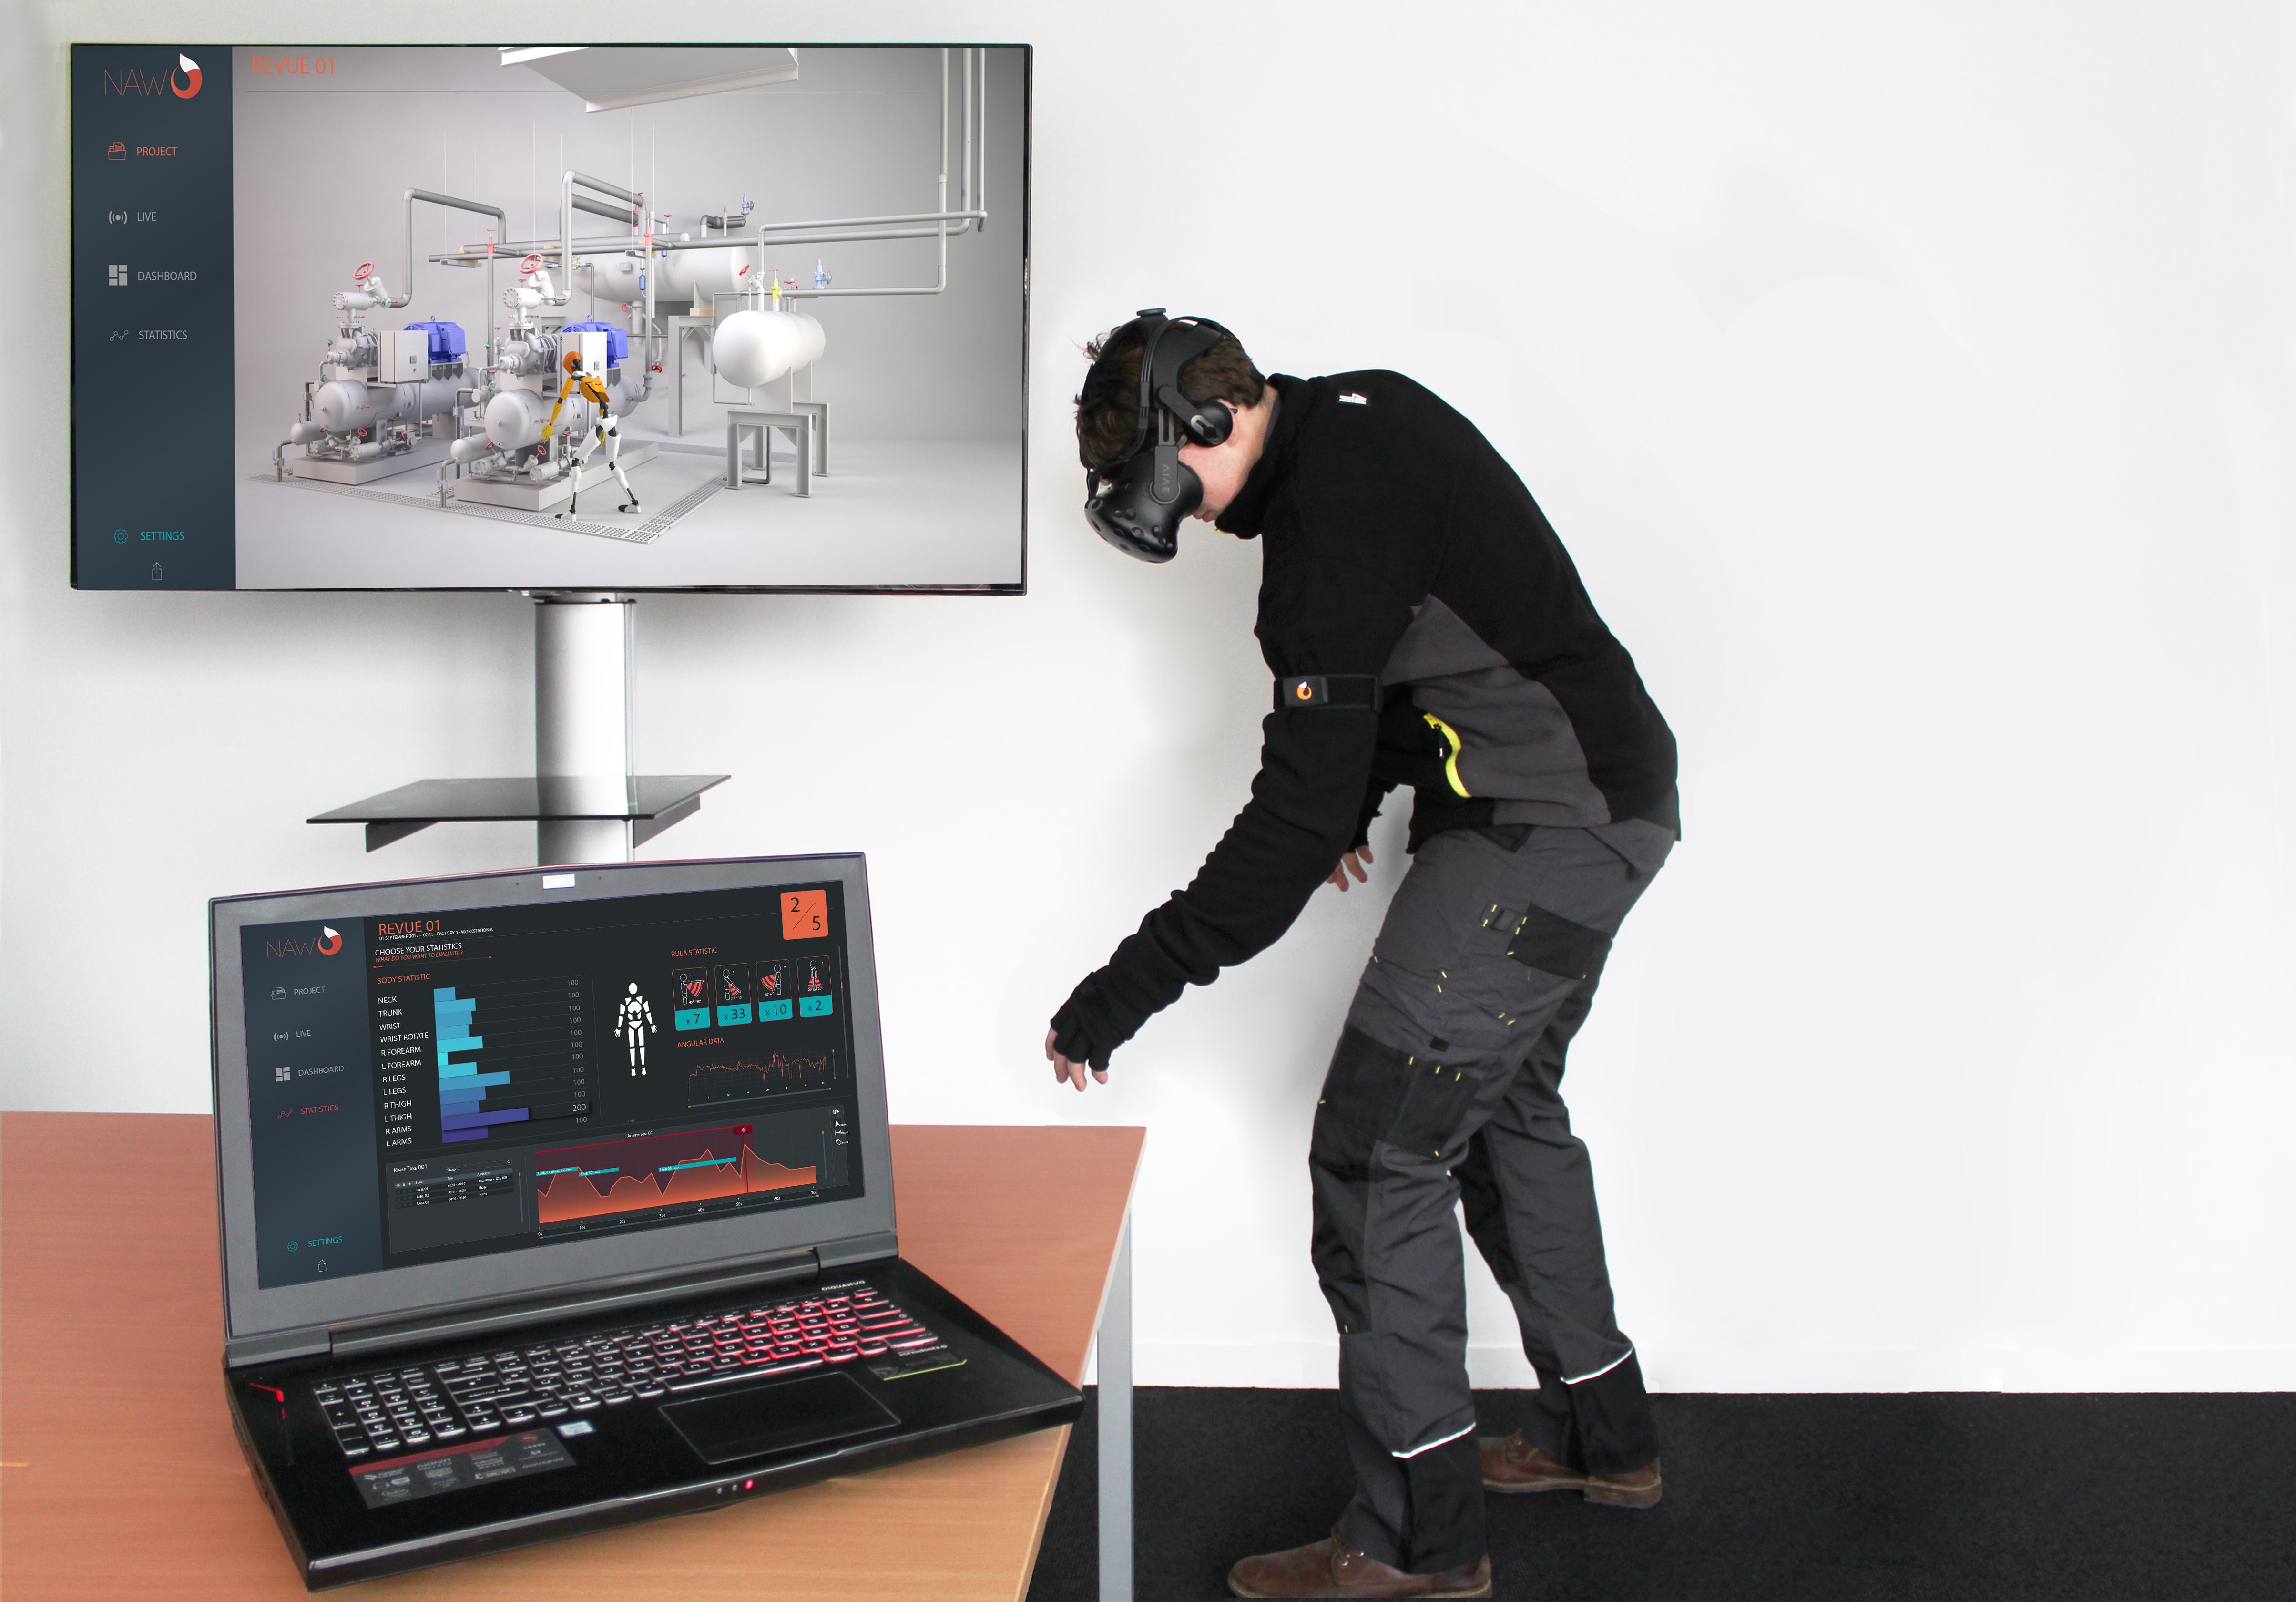 La solution Nawo de HRV Simulation pour l'ergonomie au travail qui a gagné un Laval Virtual Awards 2019